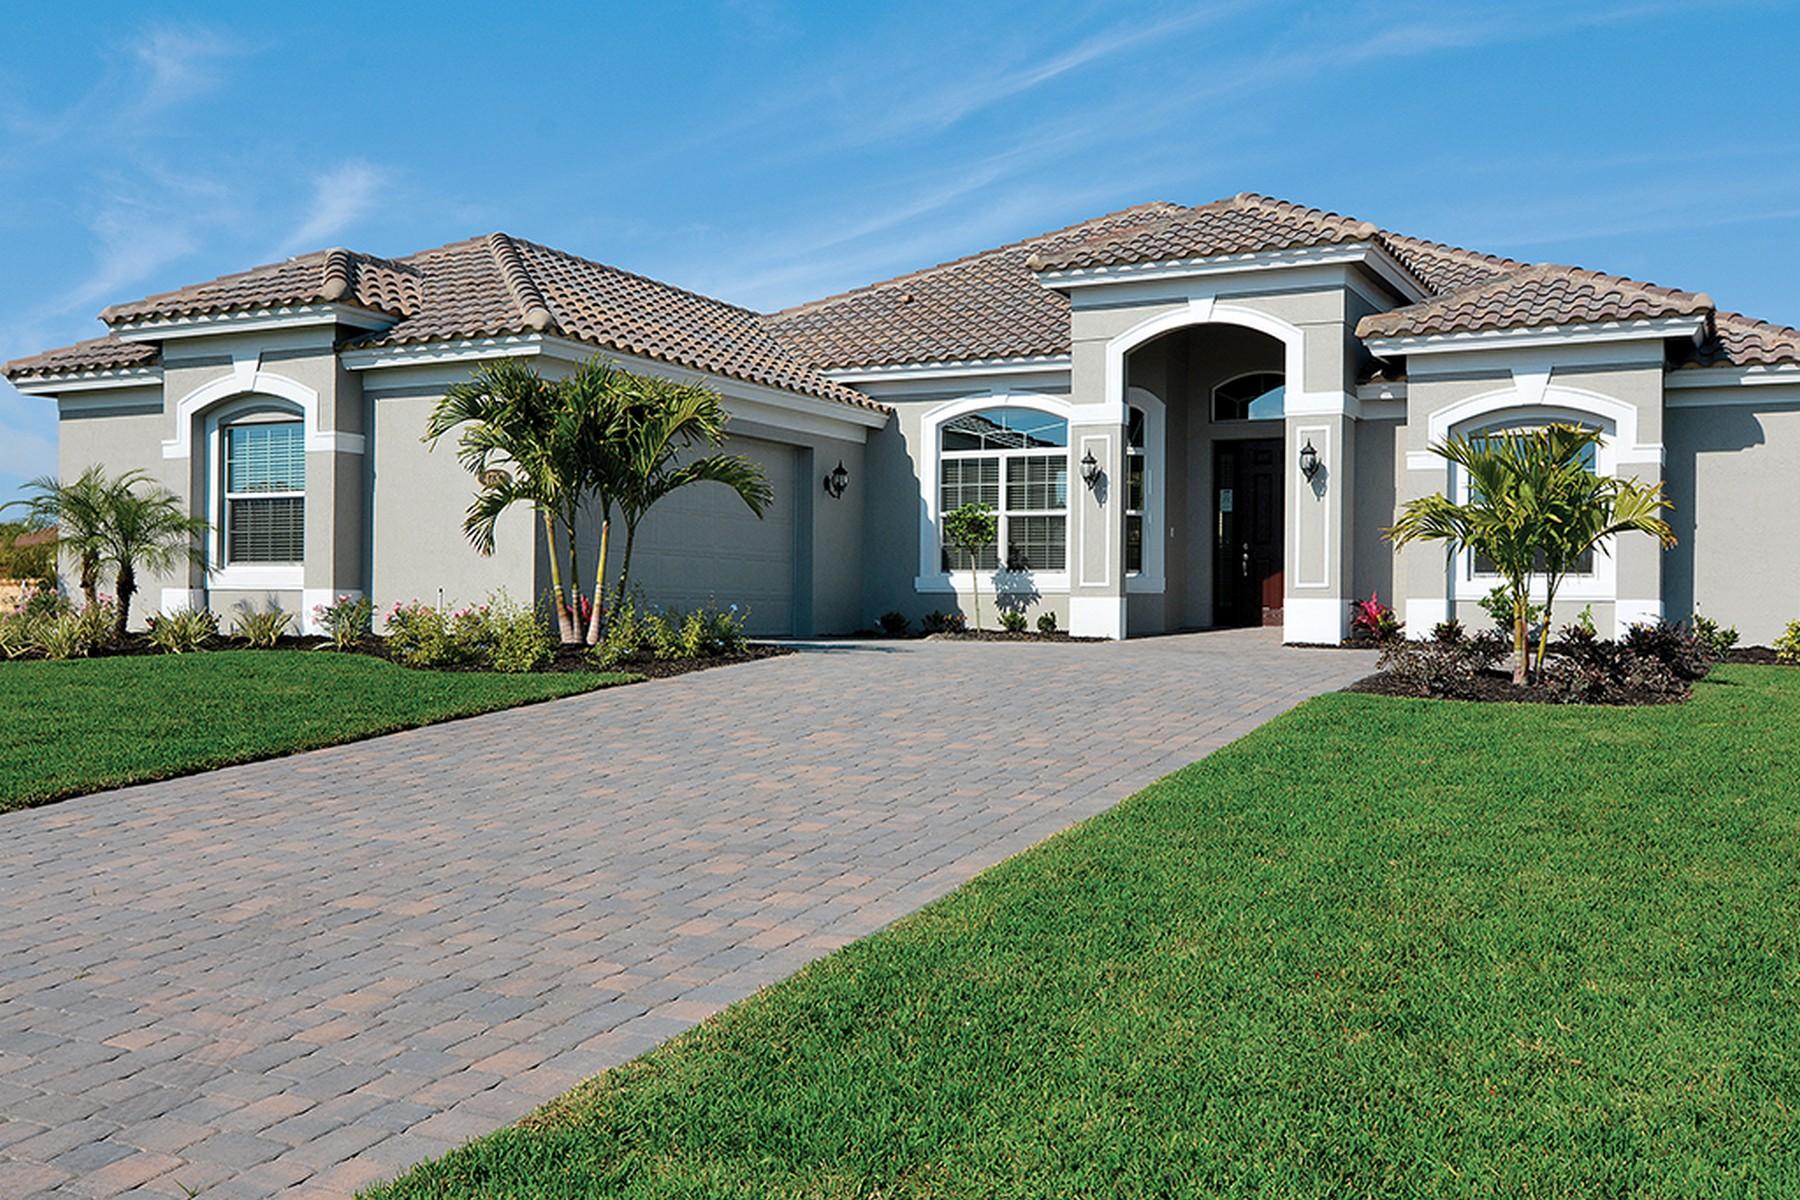 Casa Unifamiliar por un Venta en Ready to Move in! 4733 Four Lakes Circle Vero Beach, Florida, 32968 Estados Unidos